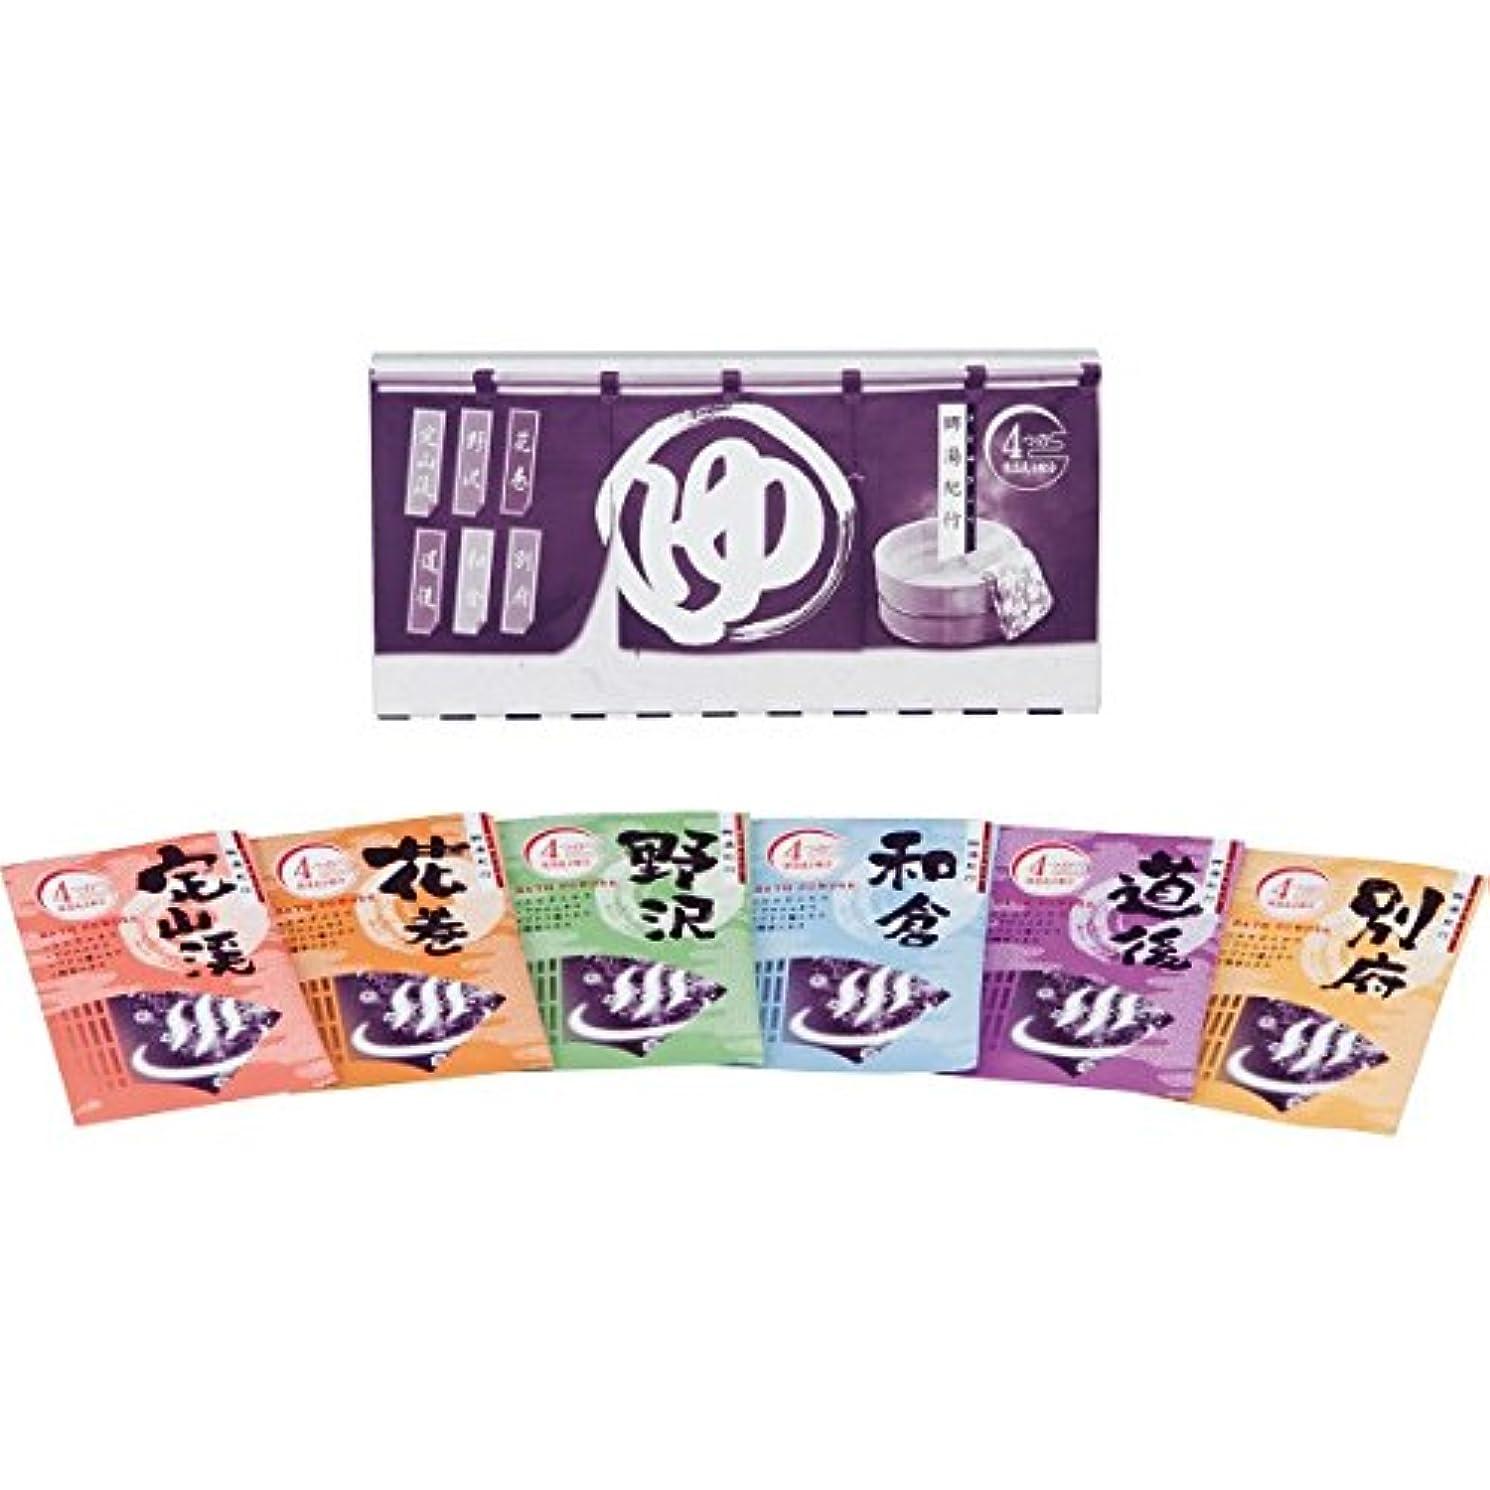 いつか礼拝代表団薬用入浴剤 郷湯紀行(6包入) 6SS506